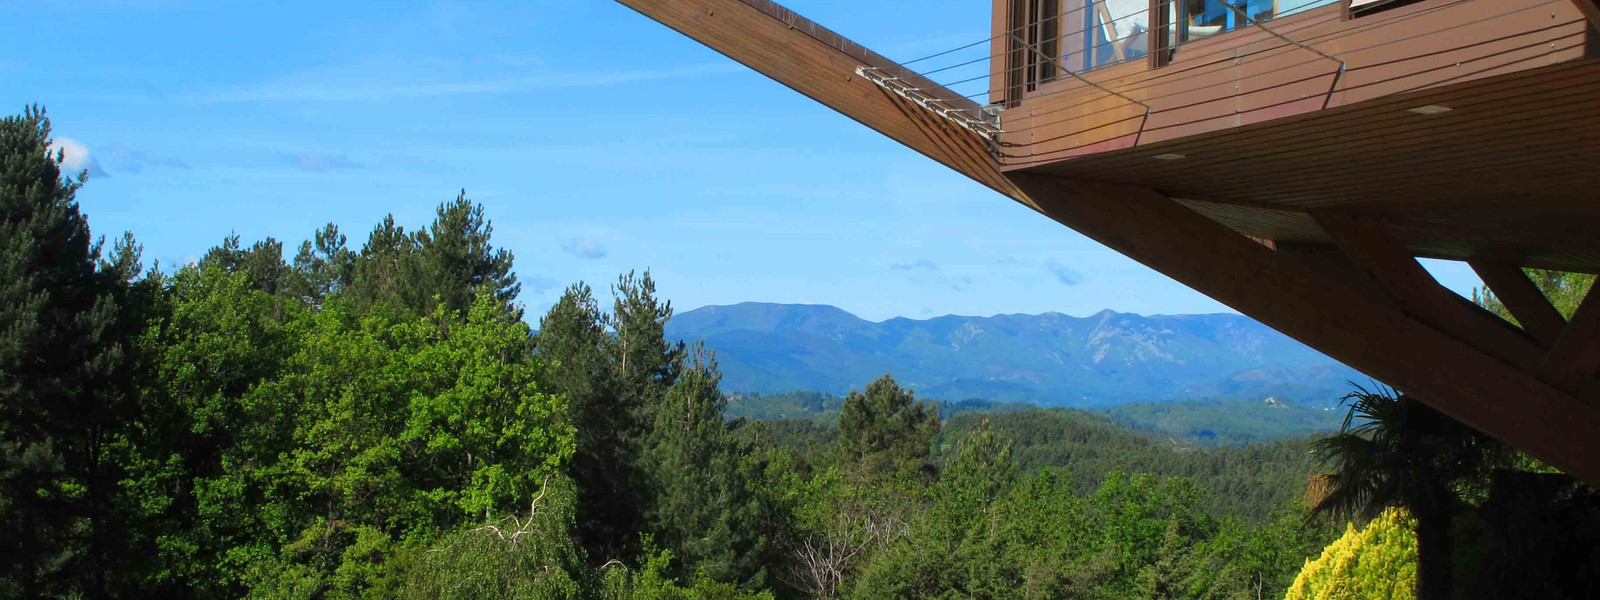 Baumhaus Frankreich bio unterkünfte in frankreich stilvoll außergewöhnlich ökologisch